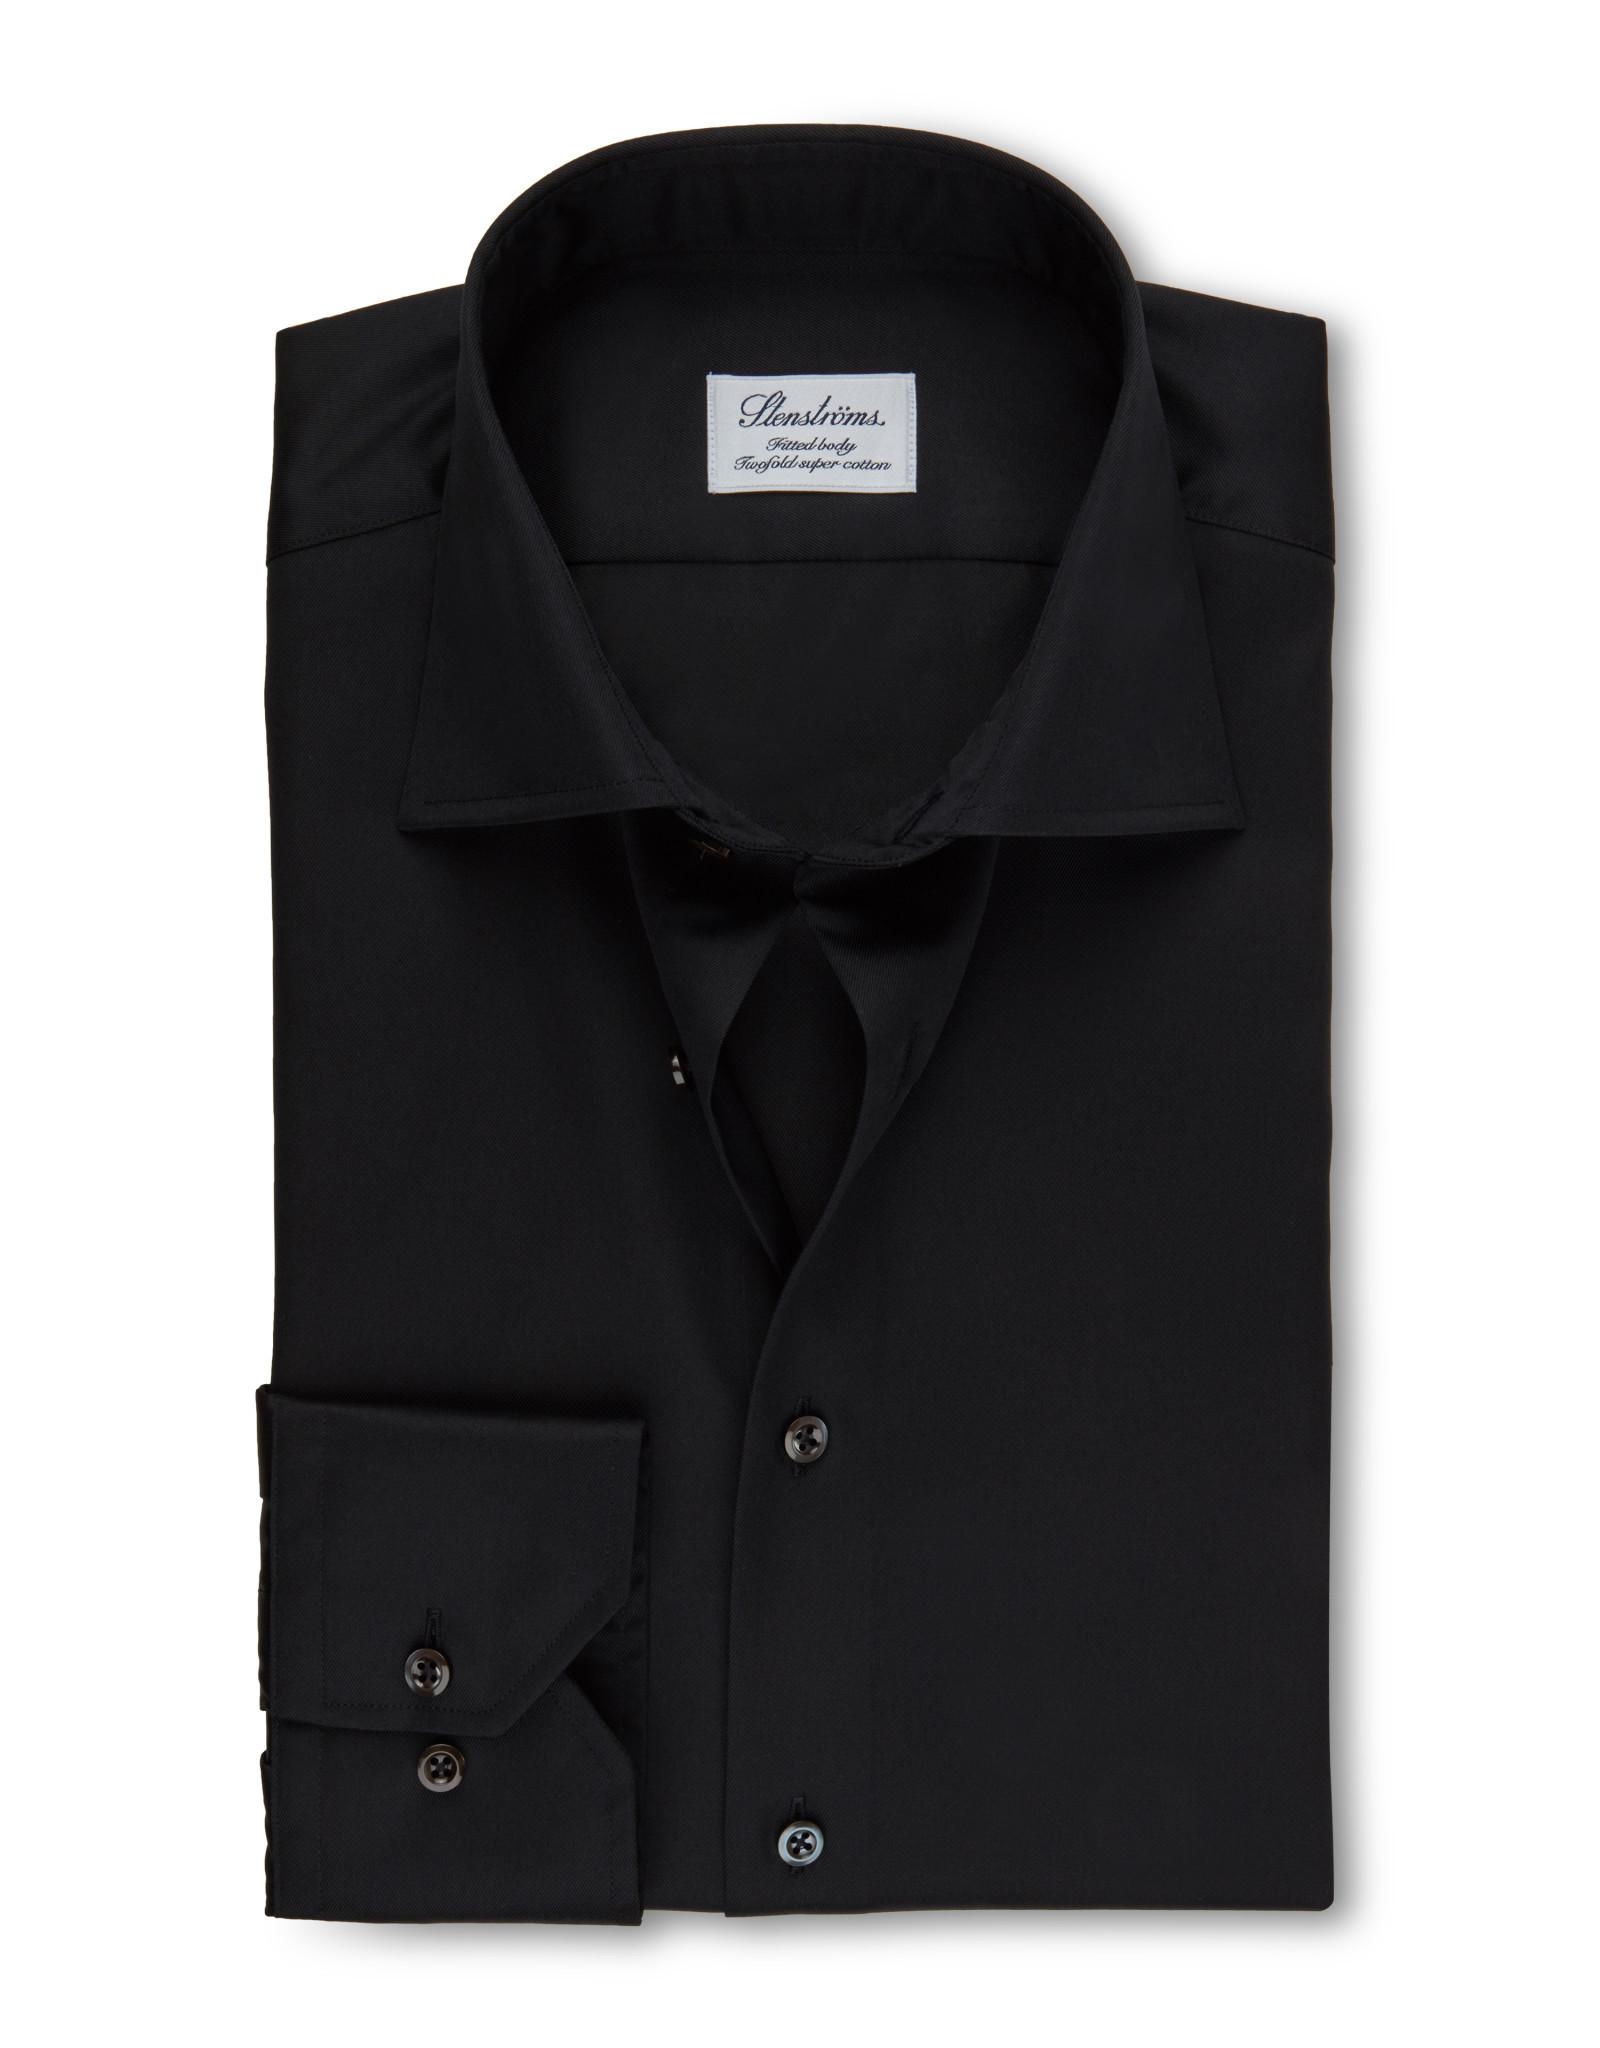 Stenströms Stenströms hemd zwart Fitted body 602771-1465/600